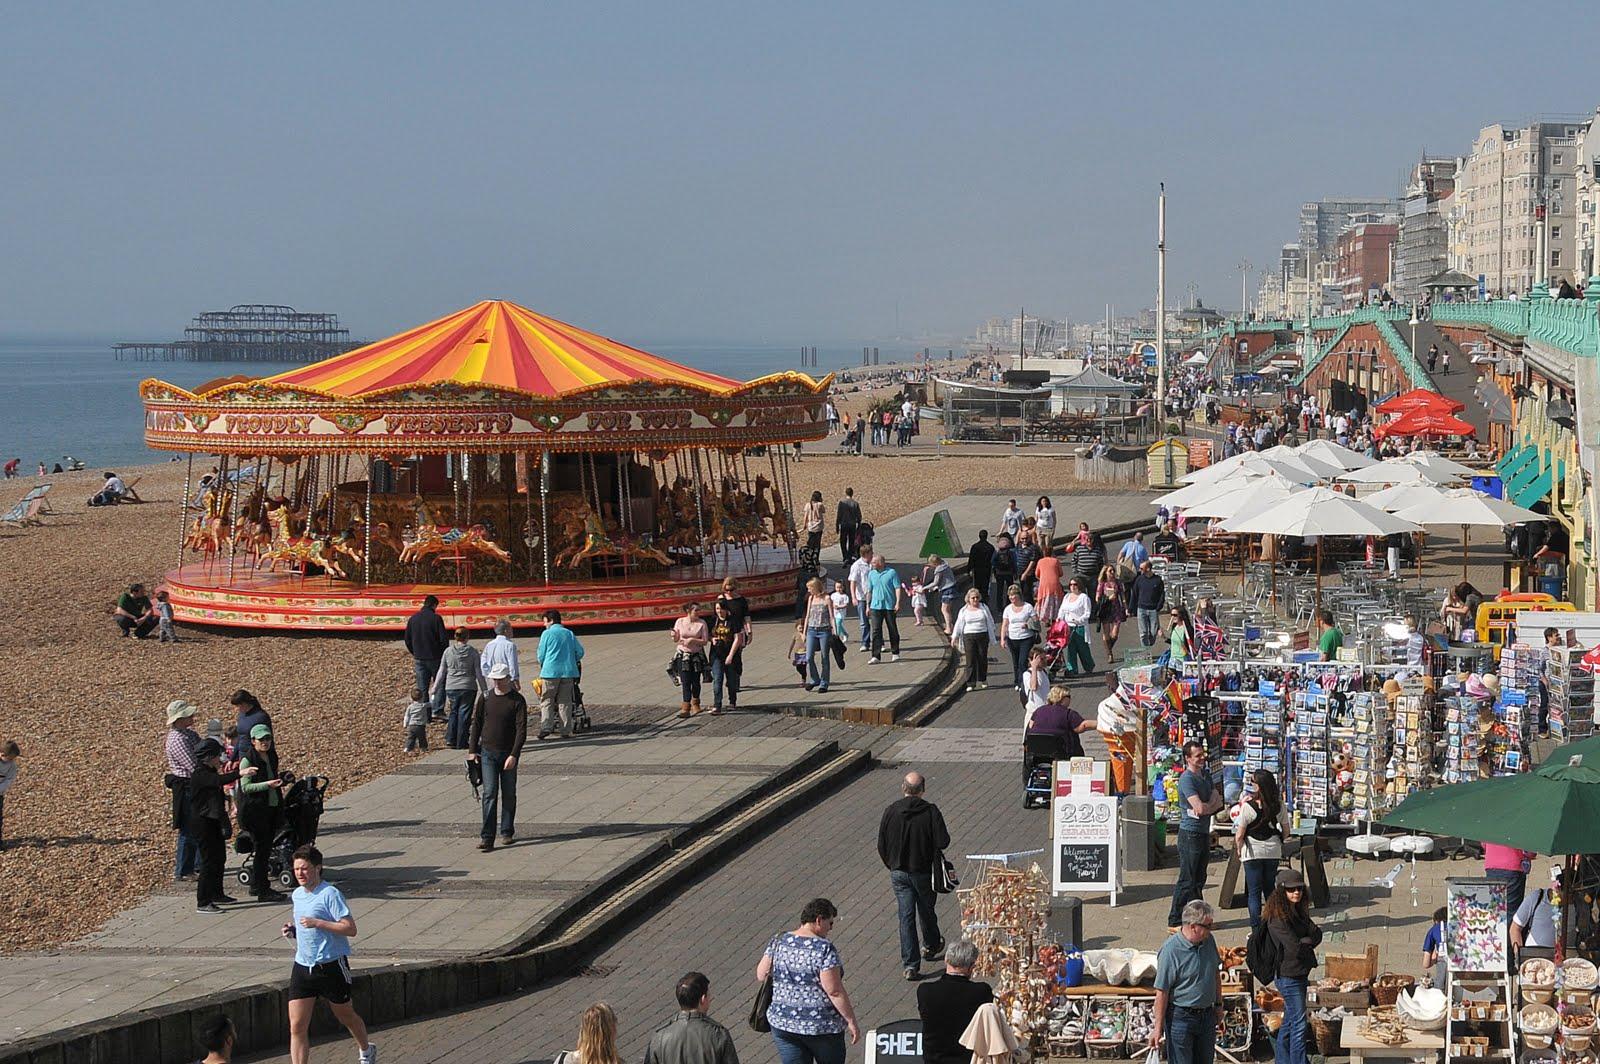 Slideshow image:Sunny Brighton seafront